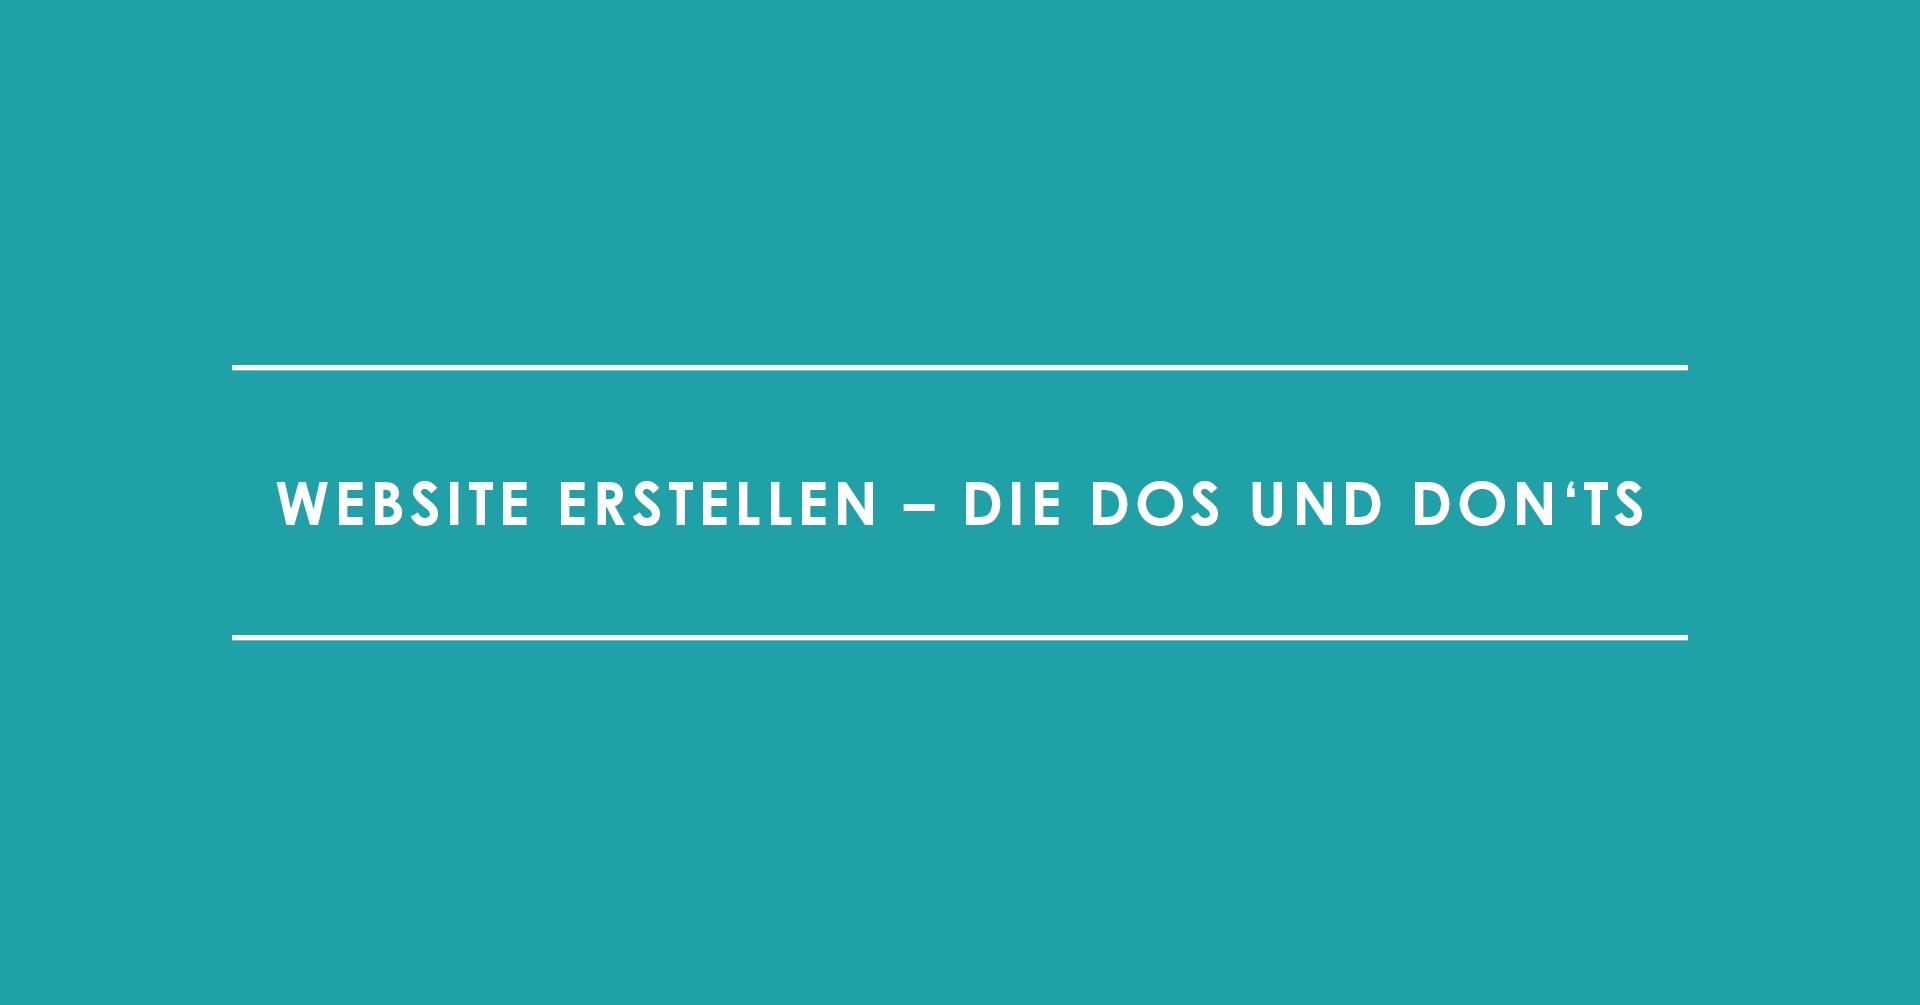 Website erstellen – die Dos und Don'ts